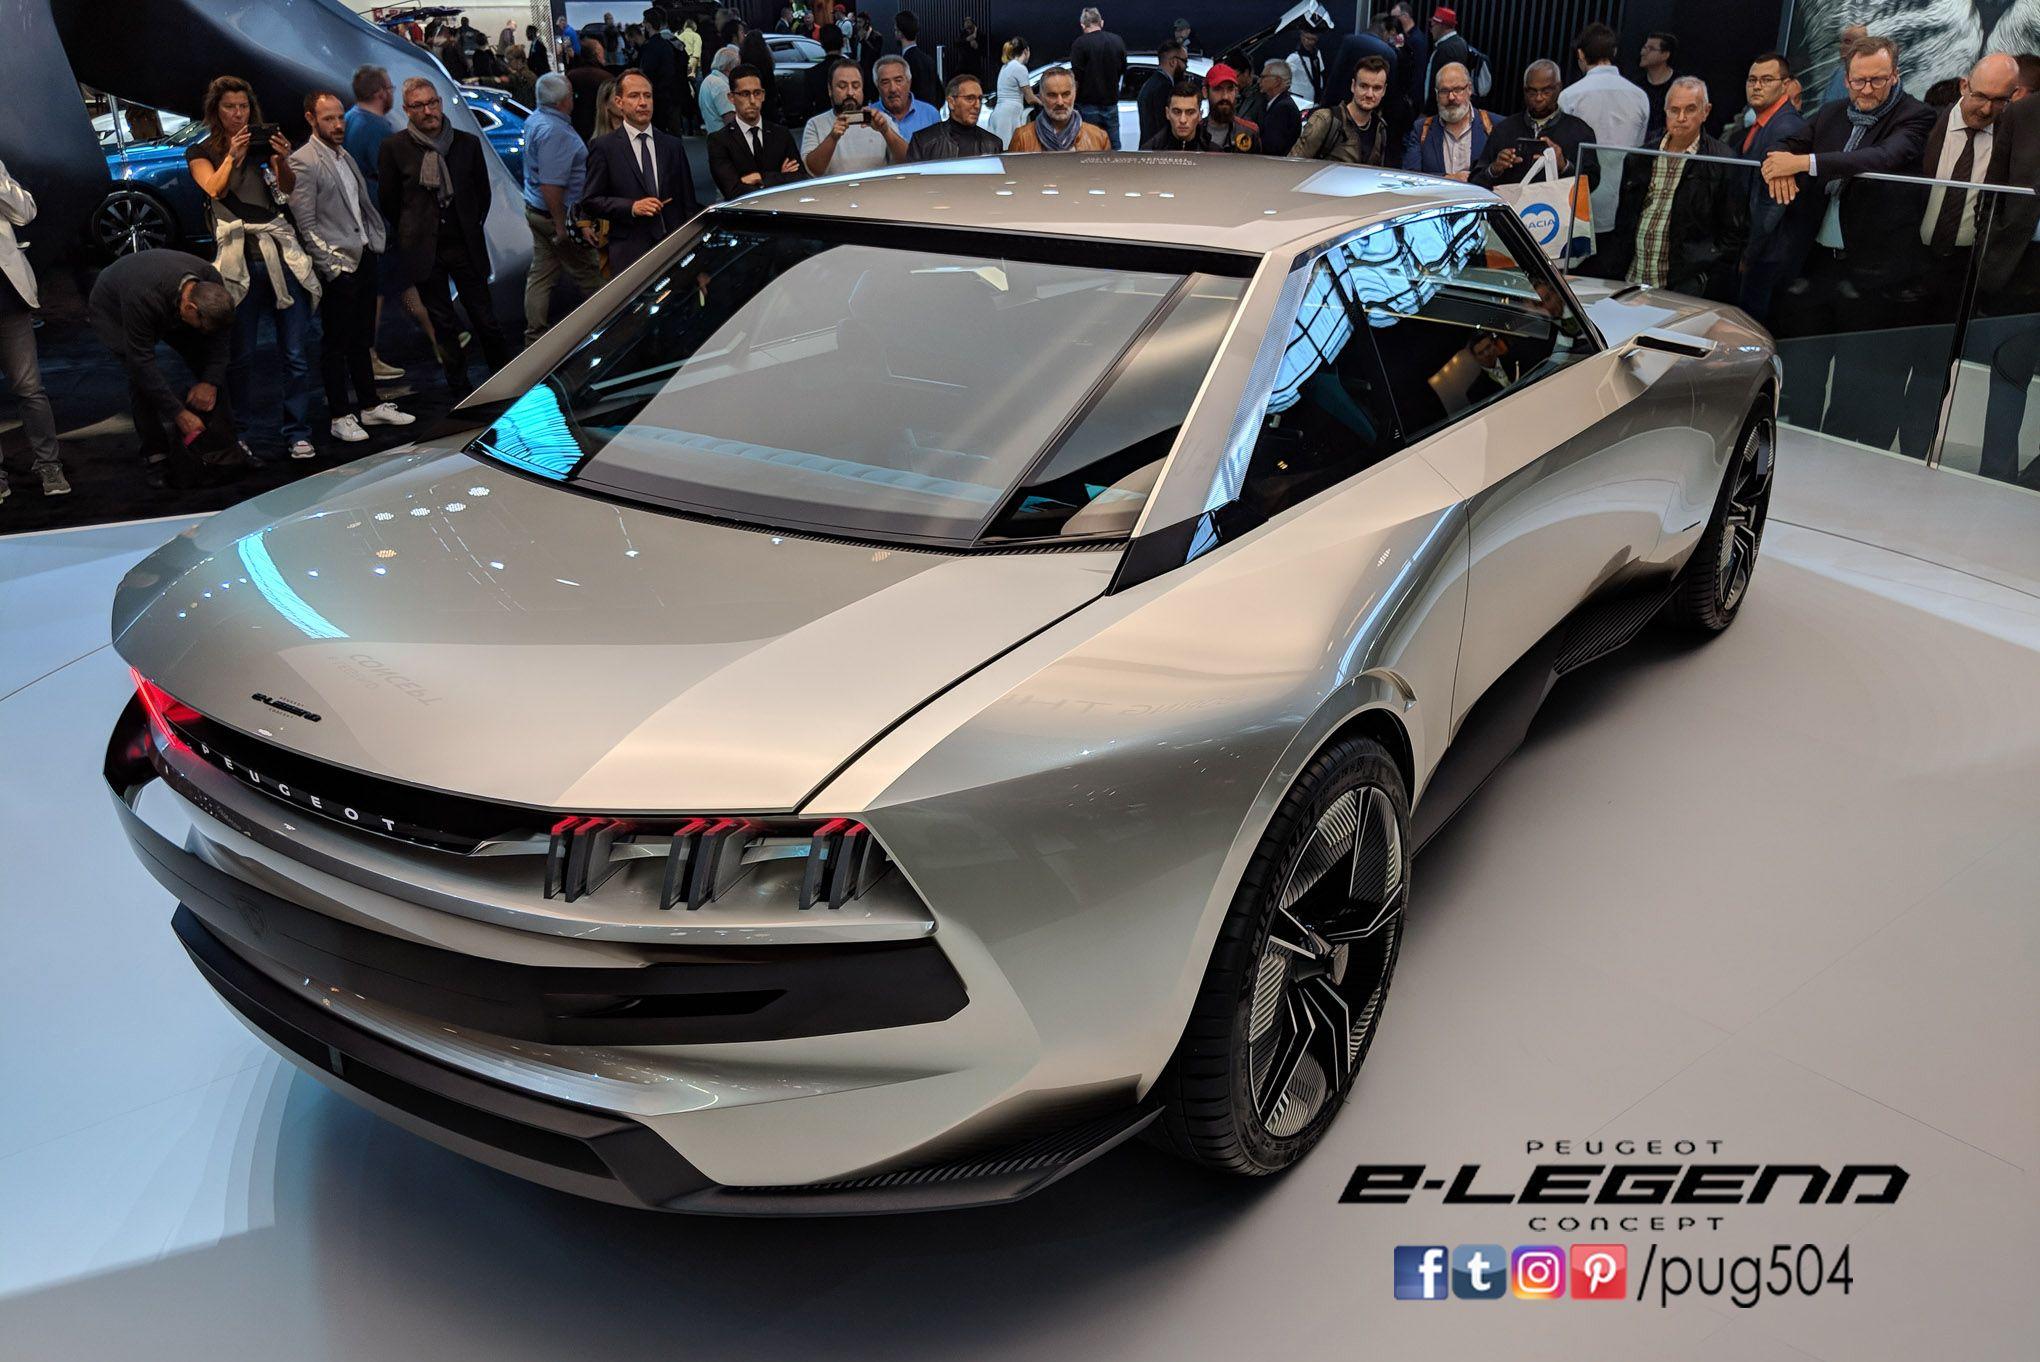 Peugeot 504 Coupe E Legend Concept Paris Motor Show 2018